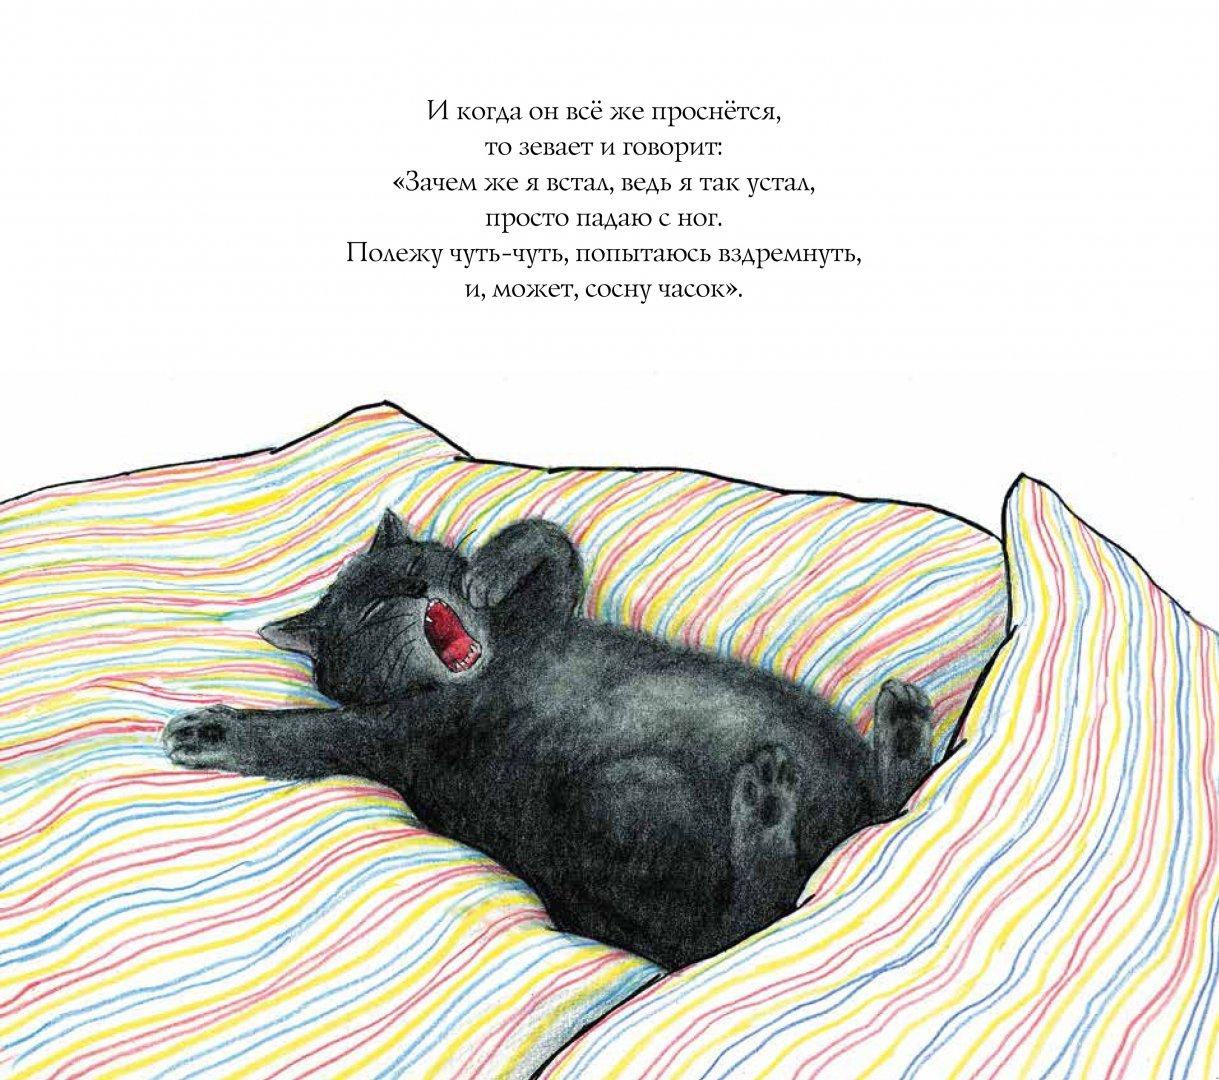 Иллюстрация 1 из 26 для Кот Крамер все время спит - Меир Шалев | Лабиринт - книги. Источник: Лабиринт